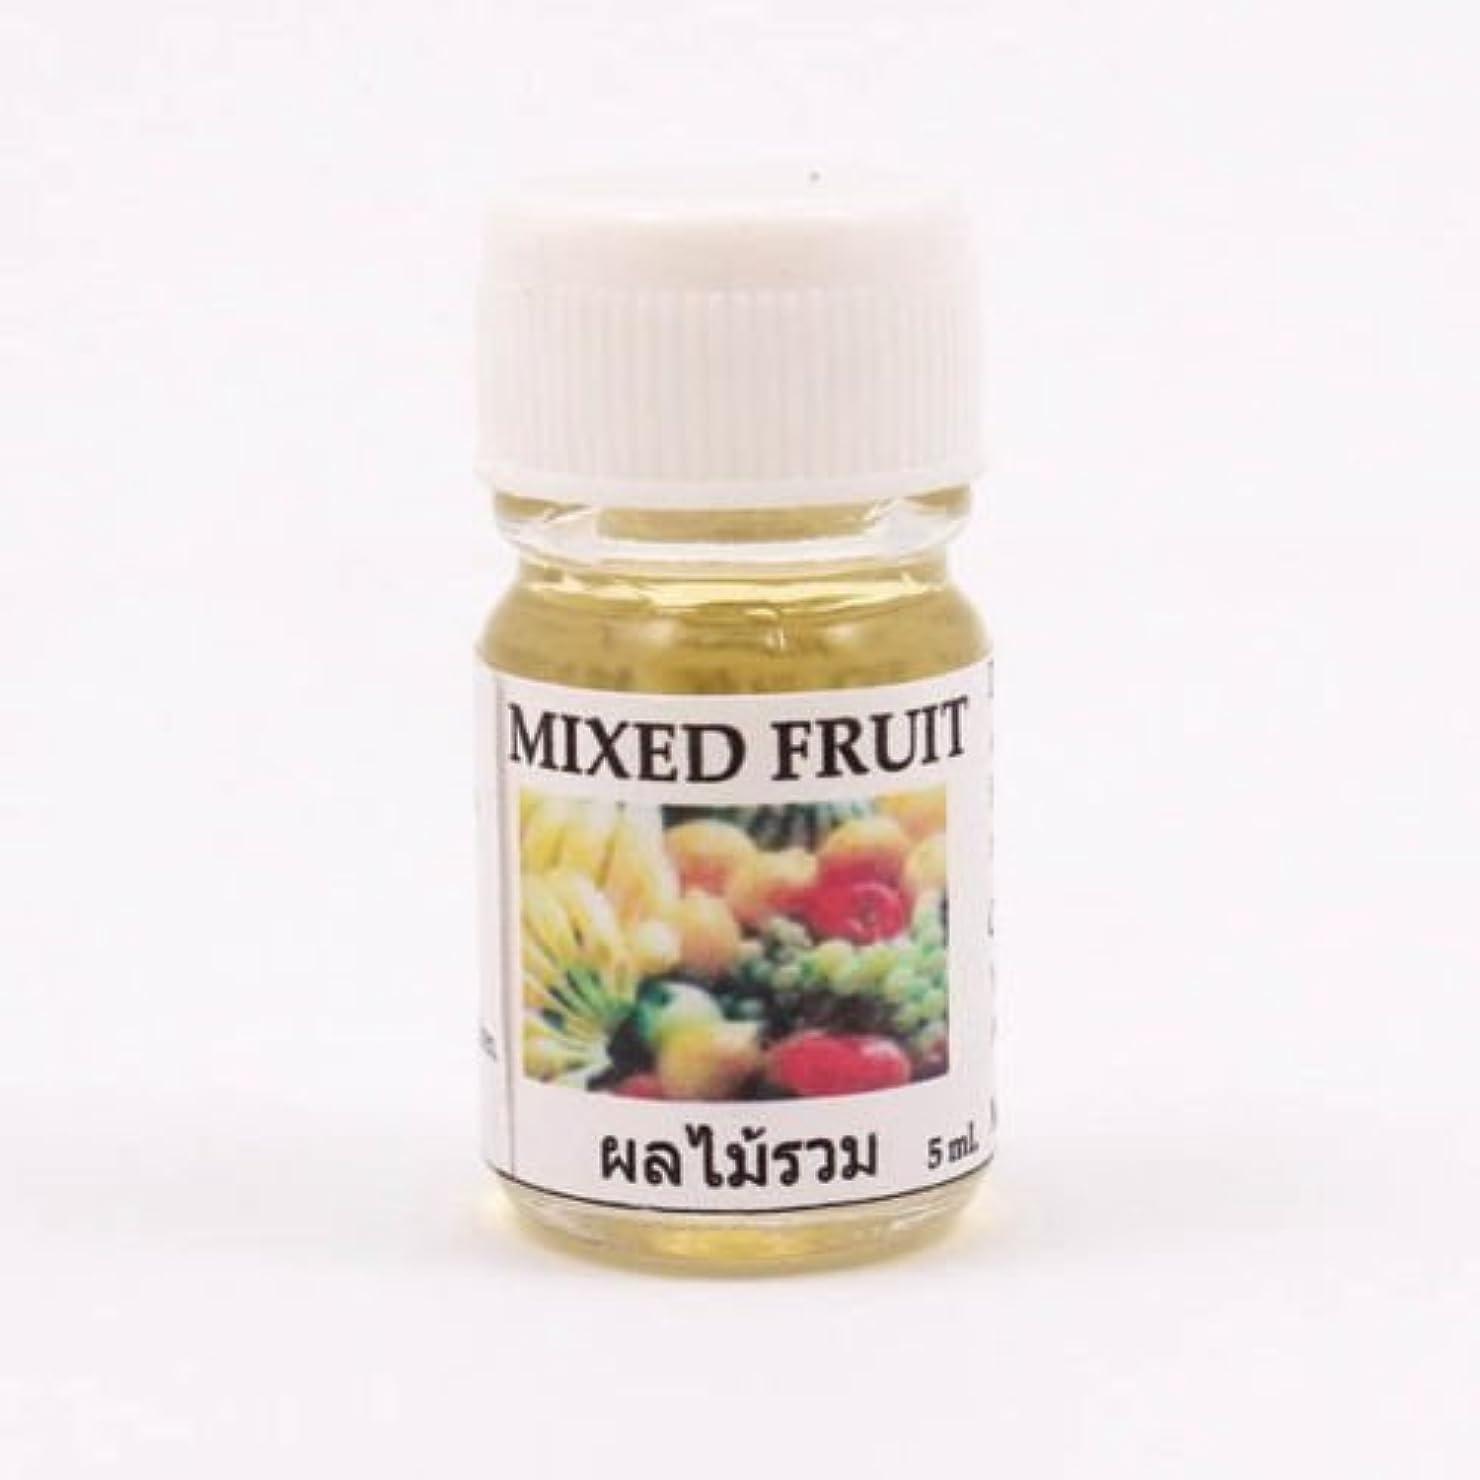 成功したラウズインシデント6X Mixed Fruit Aroma Fragrance Essential Oil 5ML Diffuser Burner Therapy